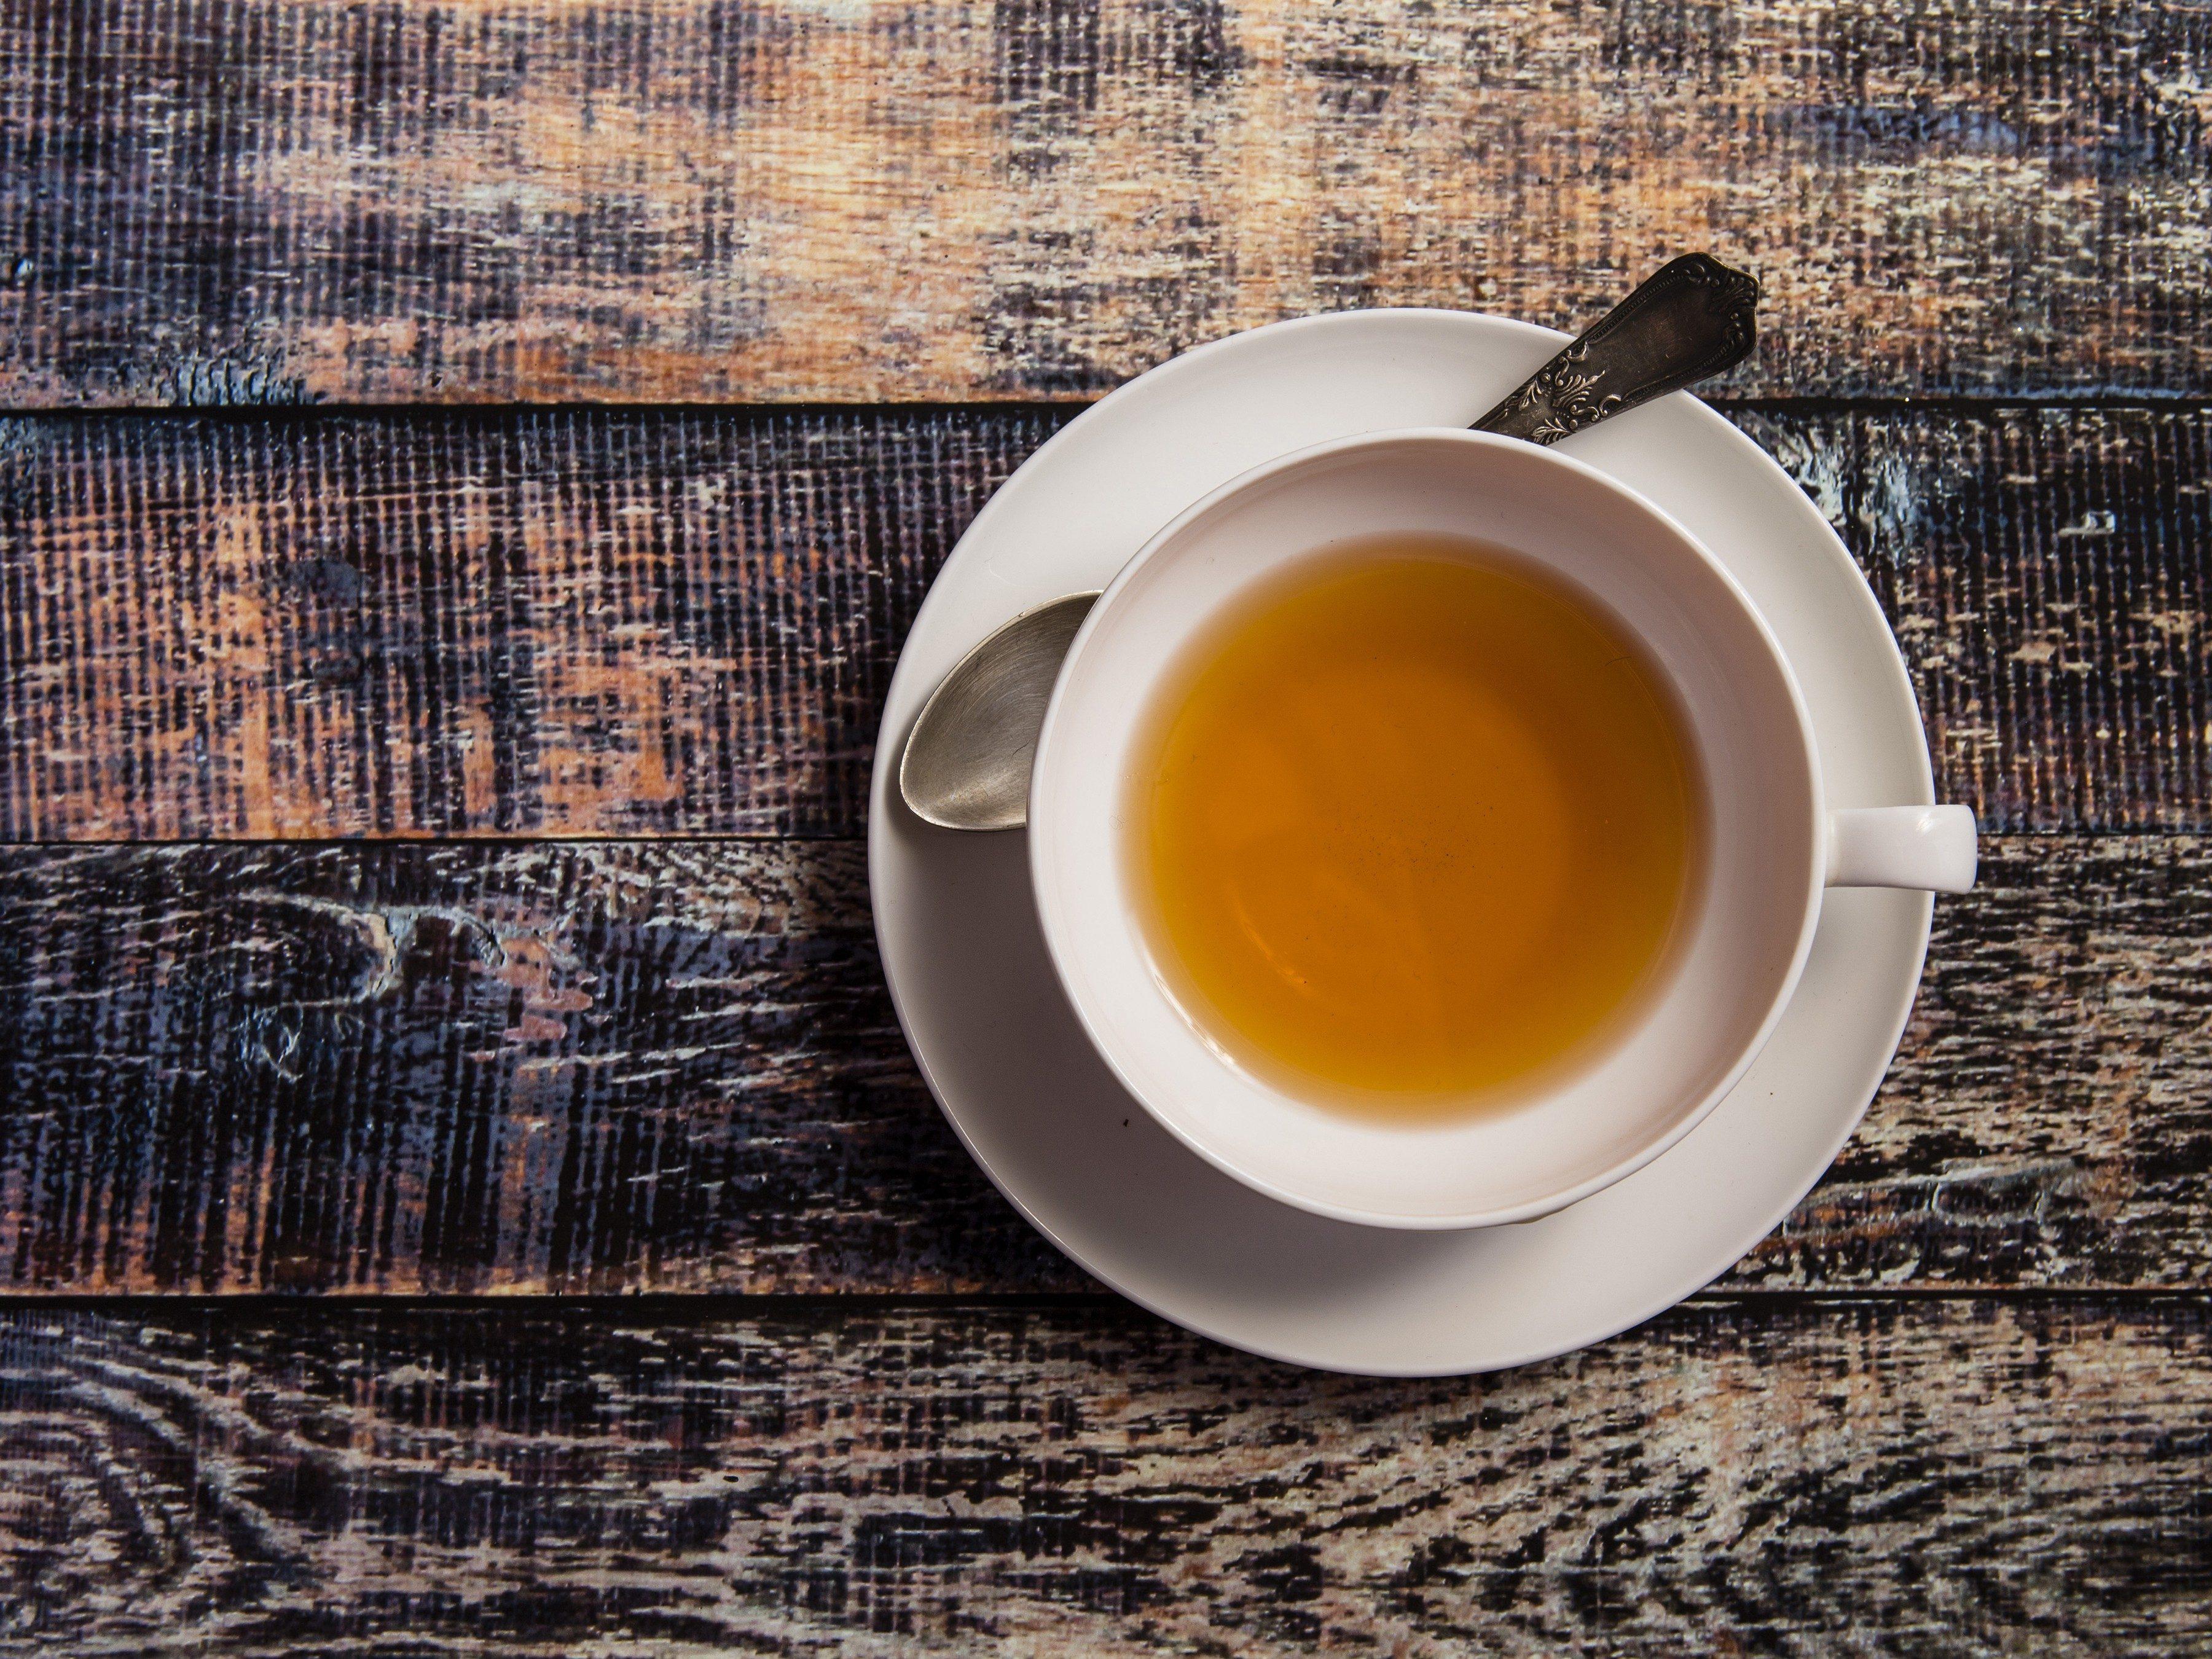 6. Herbal tea